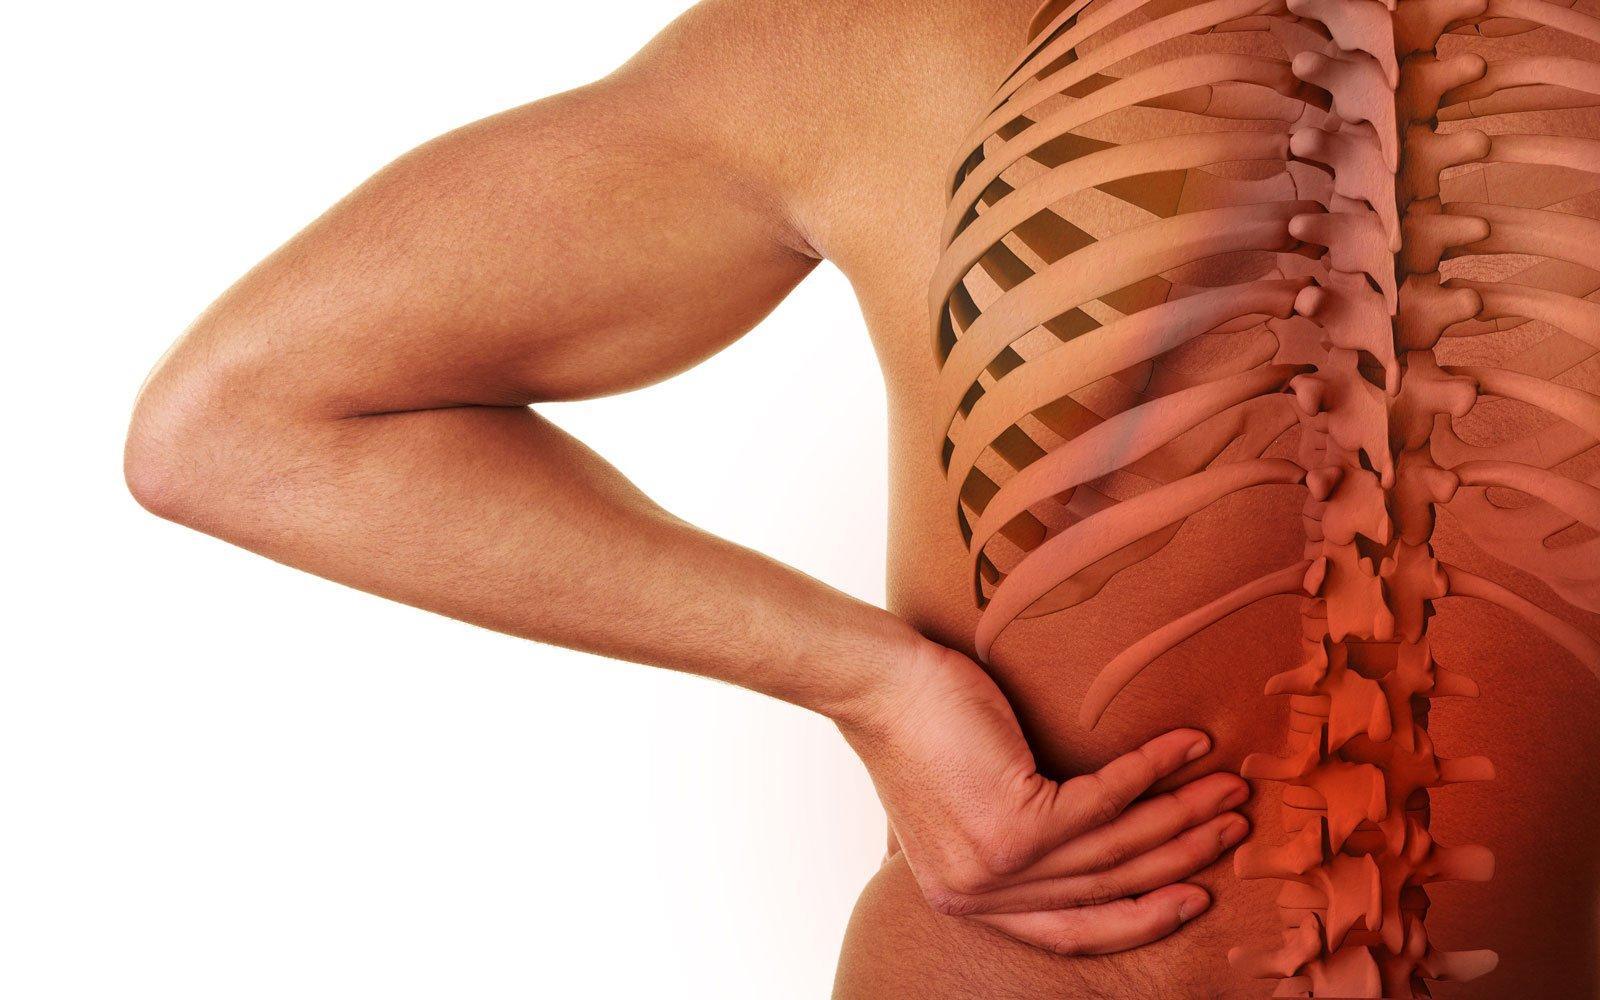 Как избавится от боли в спине в домашних условиях? 7